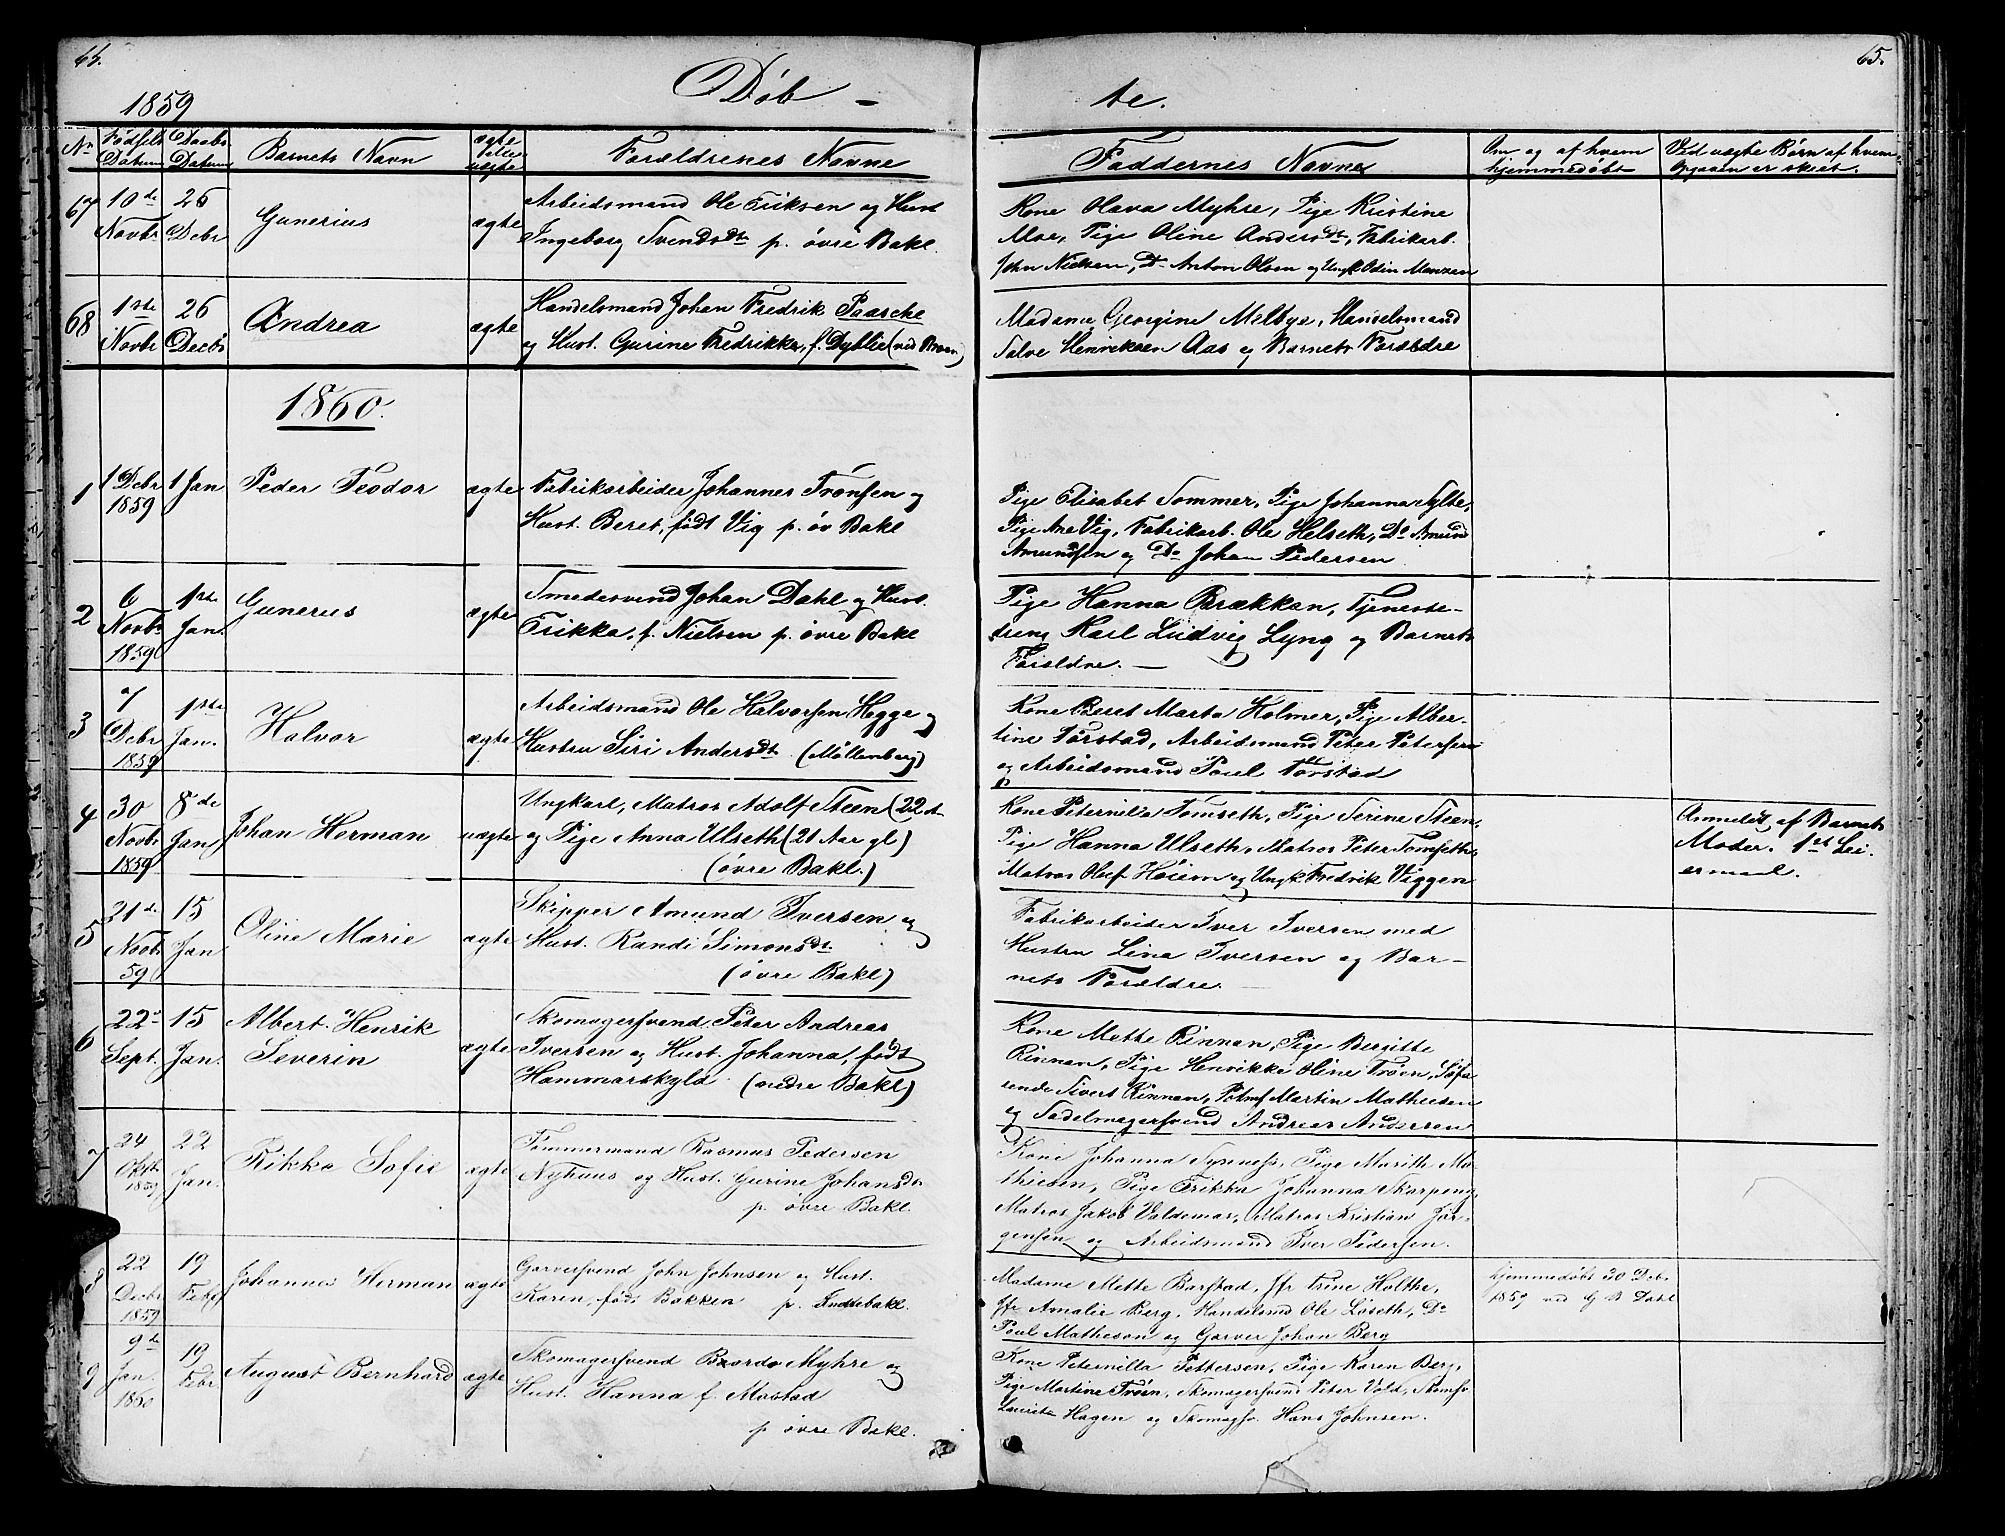 SAT, Ministerialprotokoller, klokkerbøker og fødselsregistre - Sør-Trøndelag, 604/L0219: Klokkerbok nr. 604C02, 1851-1869, s. 64-65